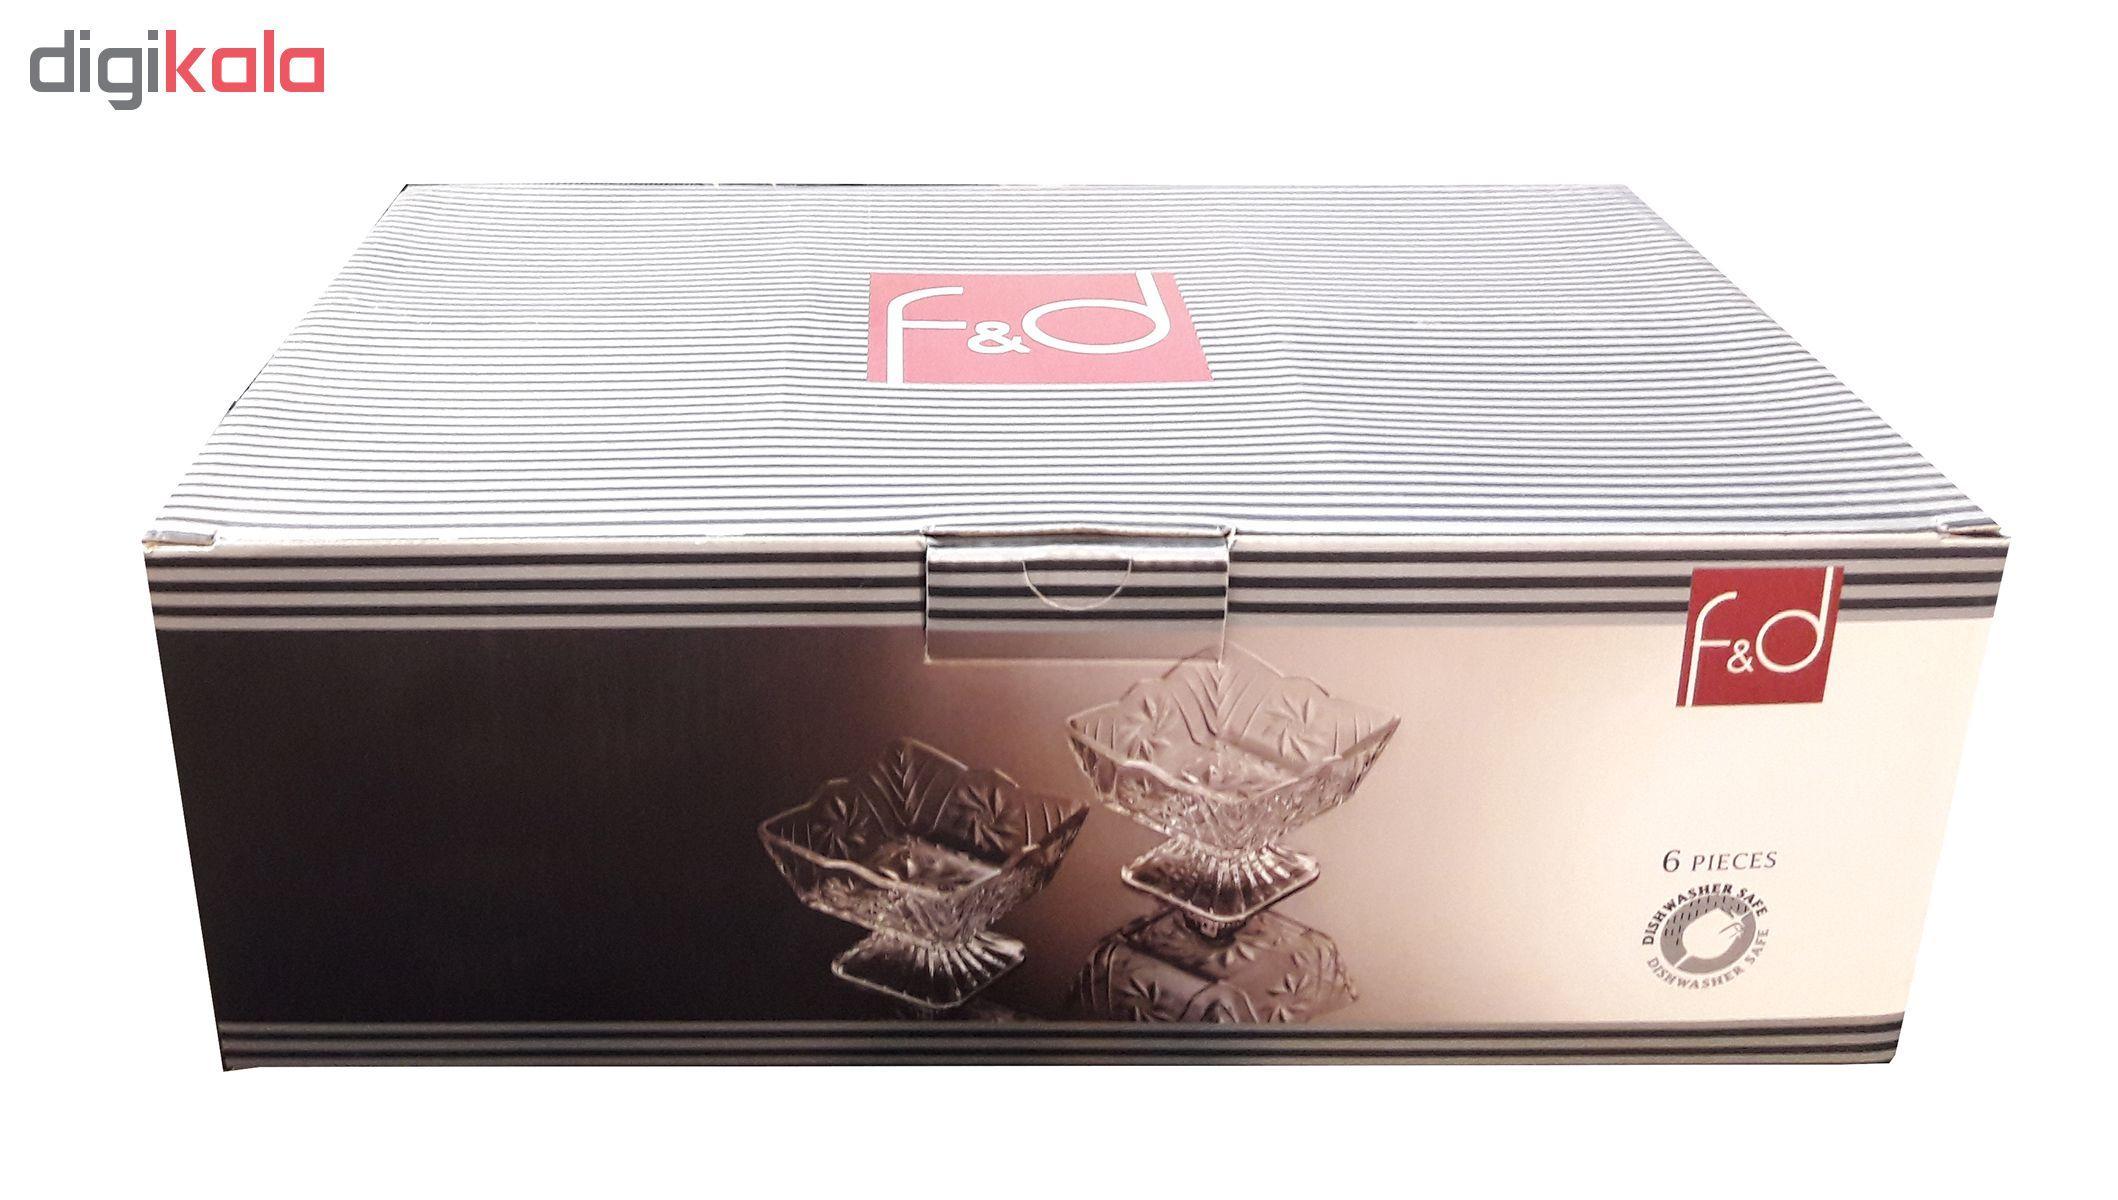 بستنی خوری پاشاباغچه مدل F&D کد 95466 بسته 6 عددی main 1 3